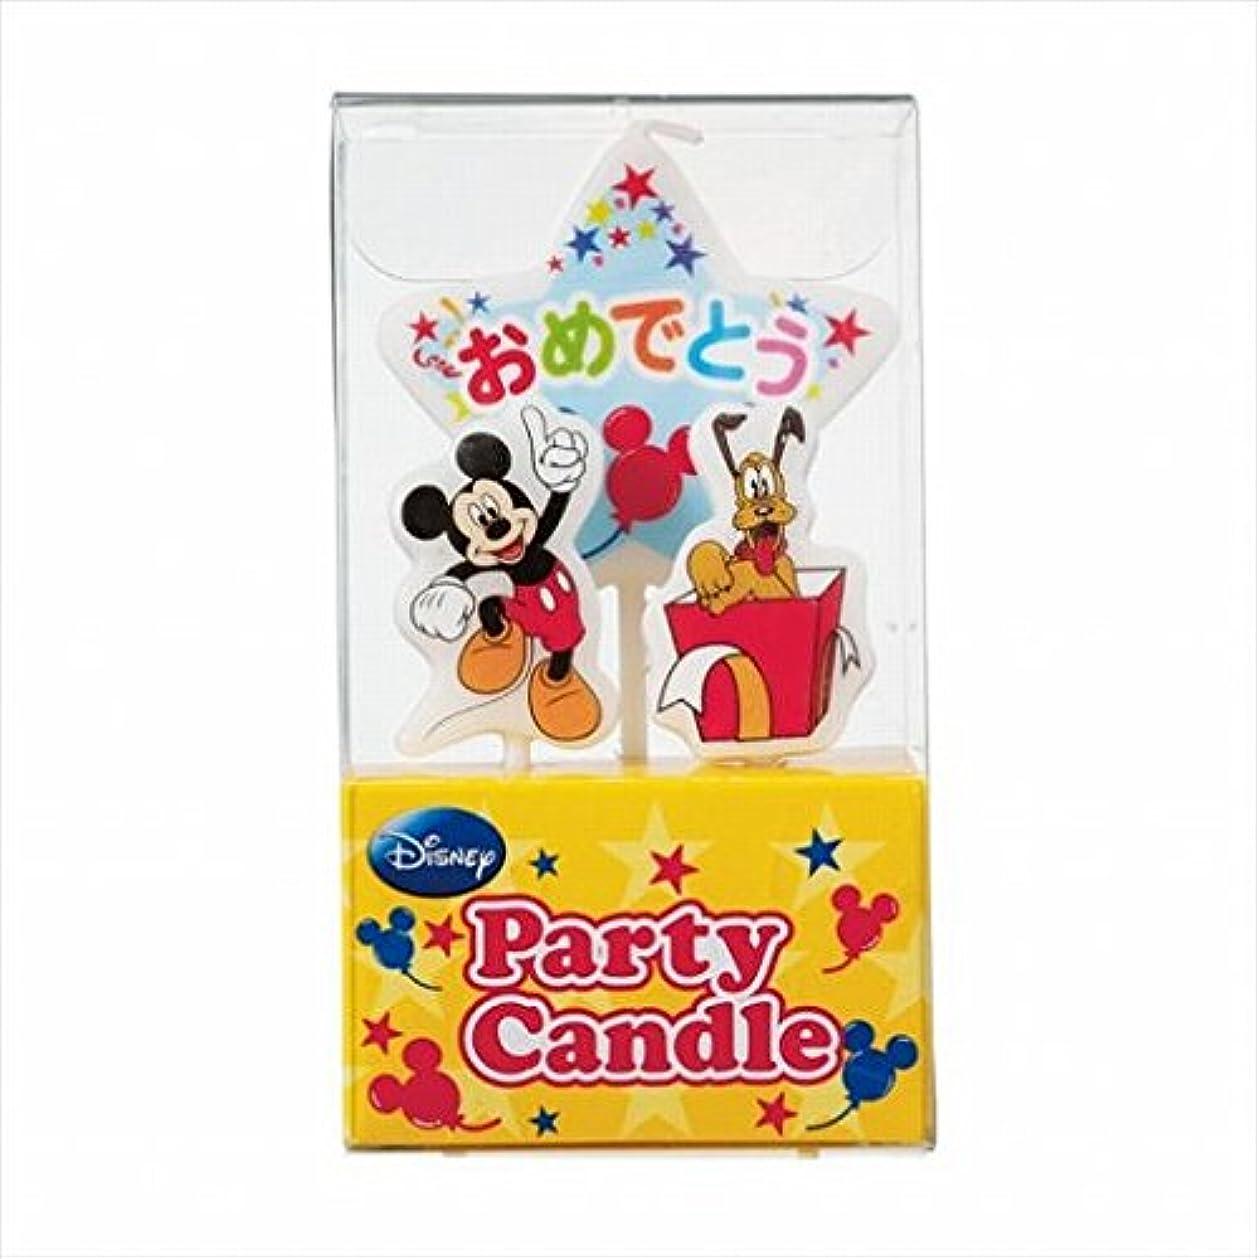 魅力的であることへのアピール祈る崖ディズニー( Disney ) ディズニーパーティーキャンドル【ケーキ用キャンドル】 「 ミッキー 」